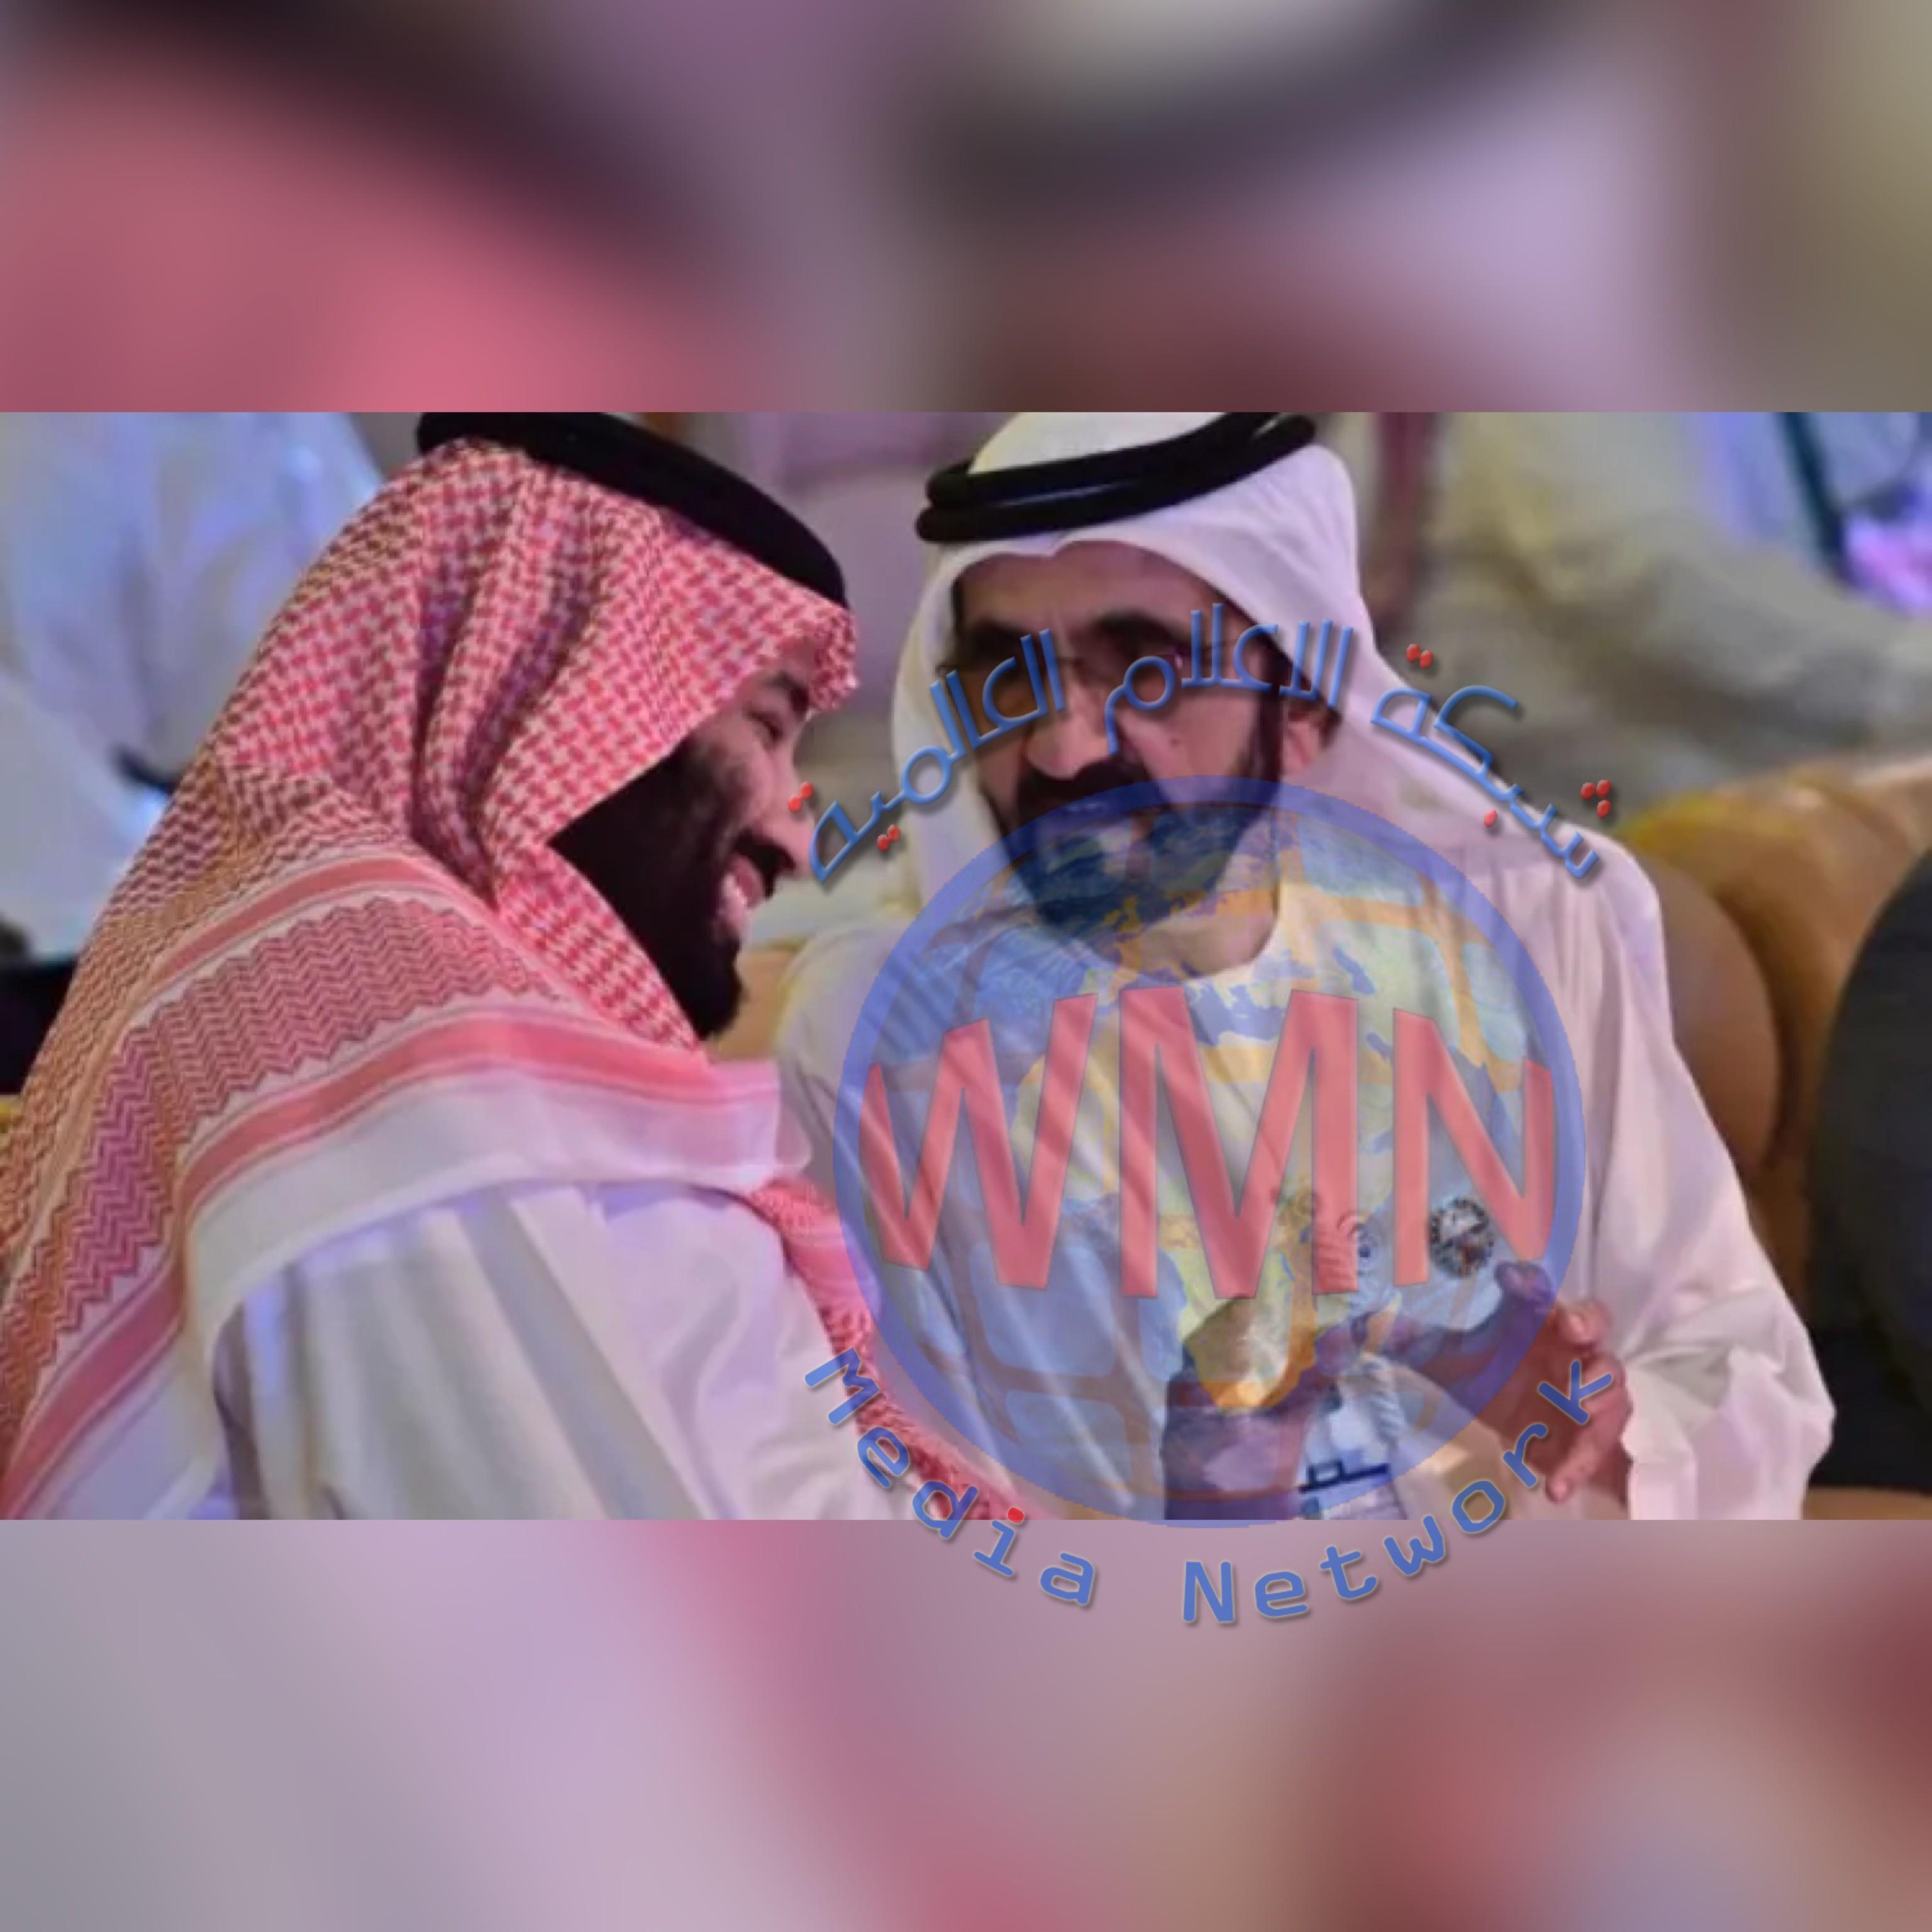 فورين بوليسي: قائمة الخلافات بين السعودية والإمارات طويلة.. علاقة الحب انتهت